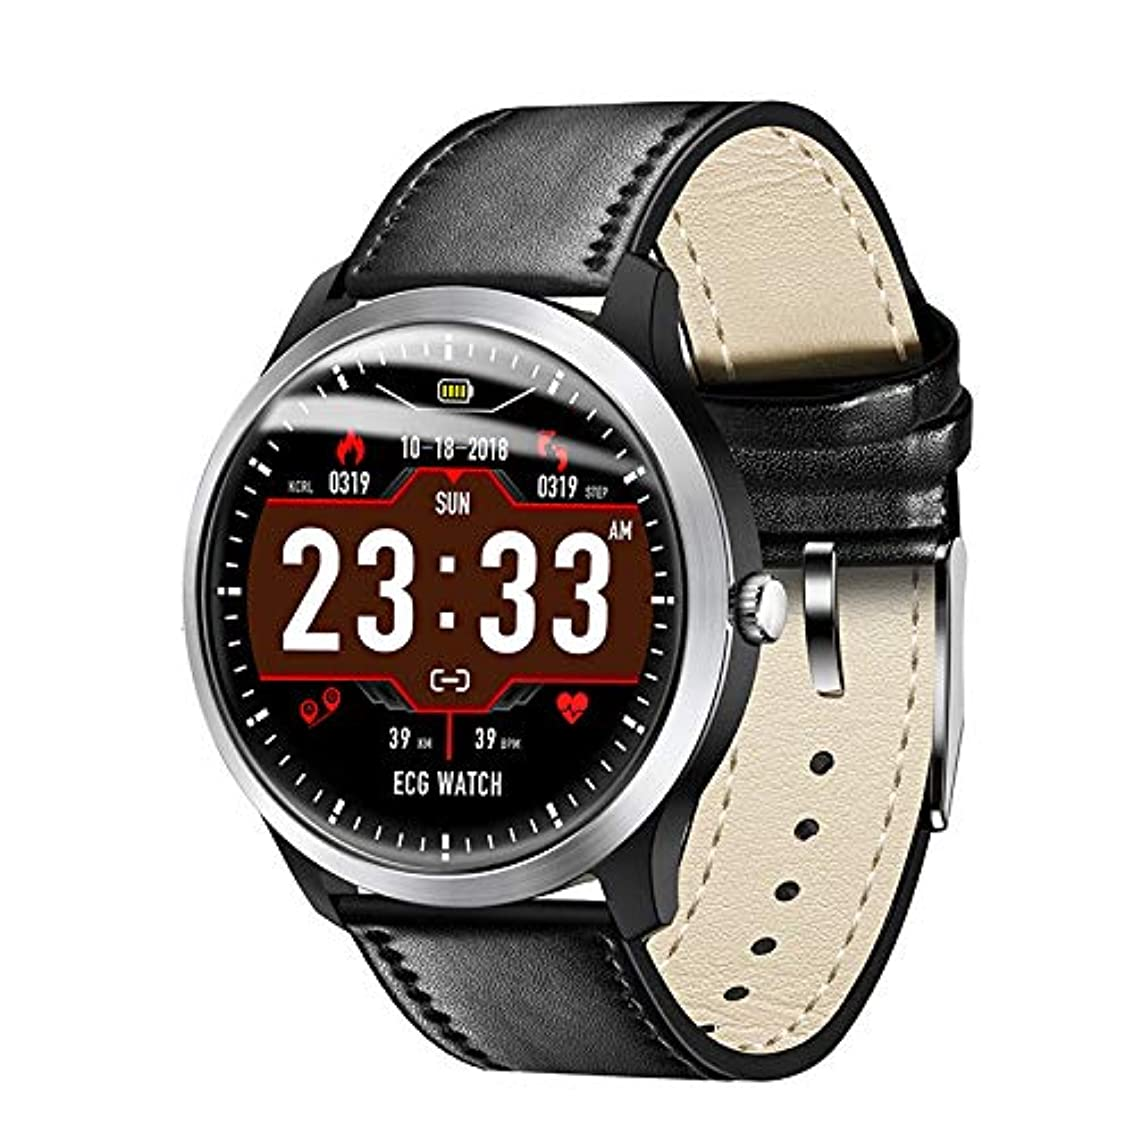 無臭政令落ち着く新版 腕時計 スマートウォッチ ビジネス時計 多国言語対応 心電図 歩数計 血圧計 心拍計 睡眠検測 着信通知 健康管理 IP67防水 スマートブレスレット スポーツウォチ iOS&Android対応